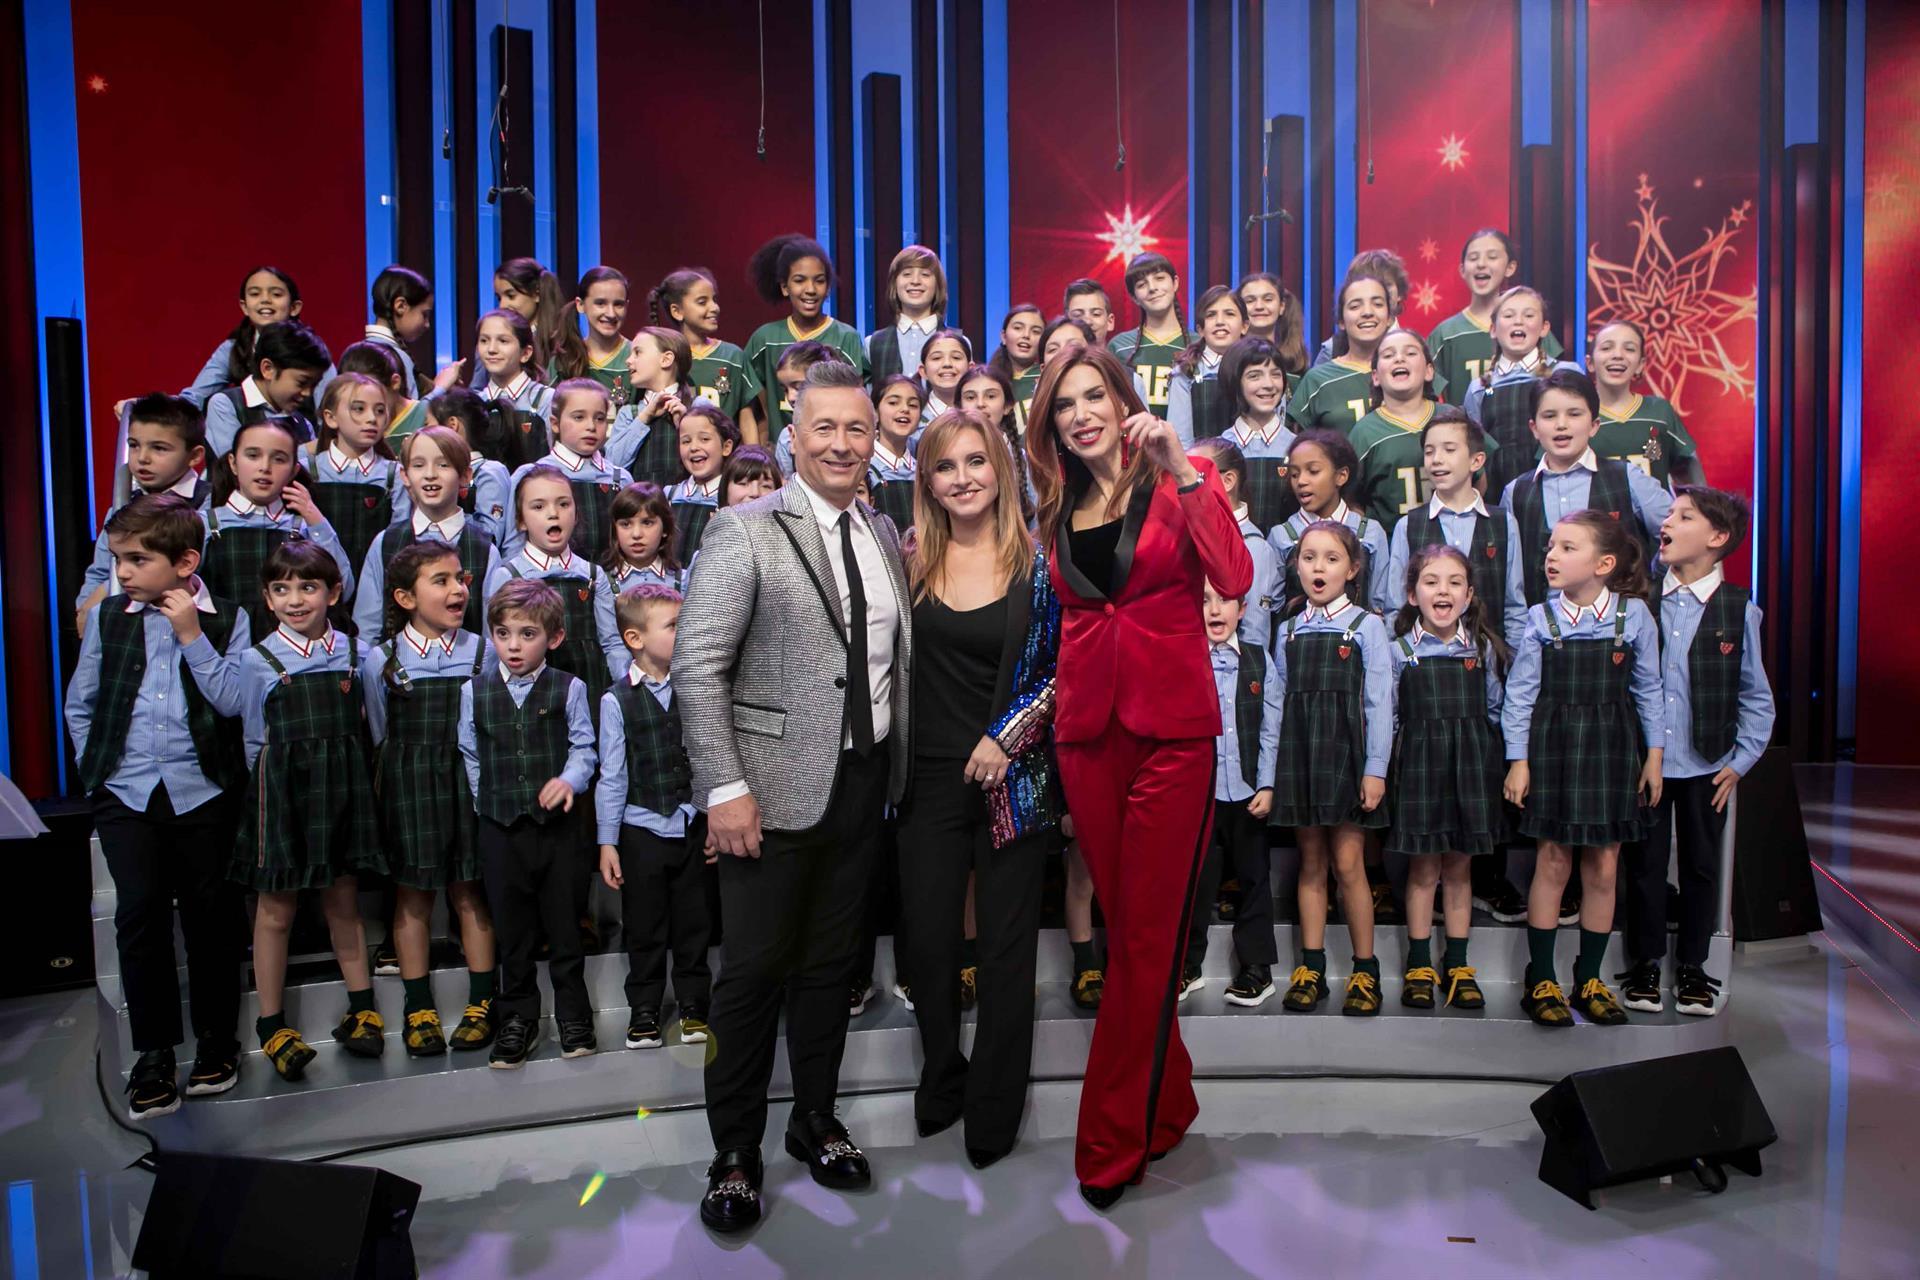 Canzoni Di Natale Zecchino D Oro.Su Rai1 I Festeggiamenti Unificati Dell Attesa E Dello